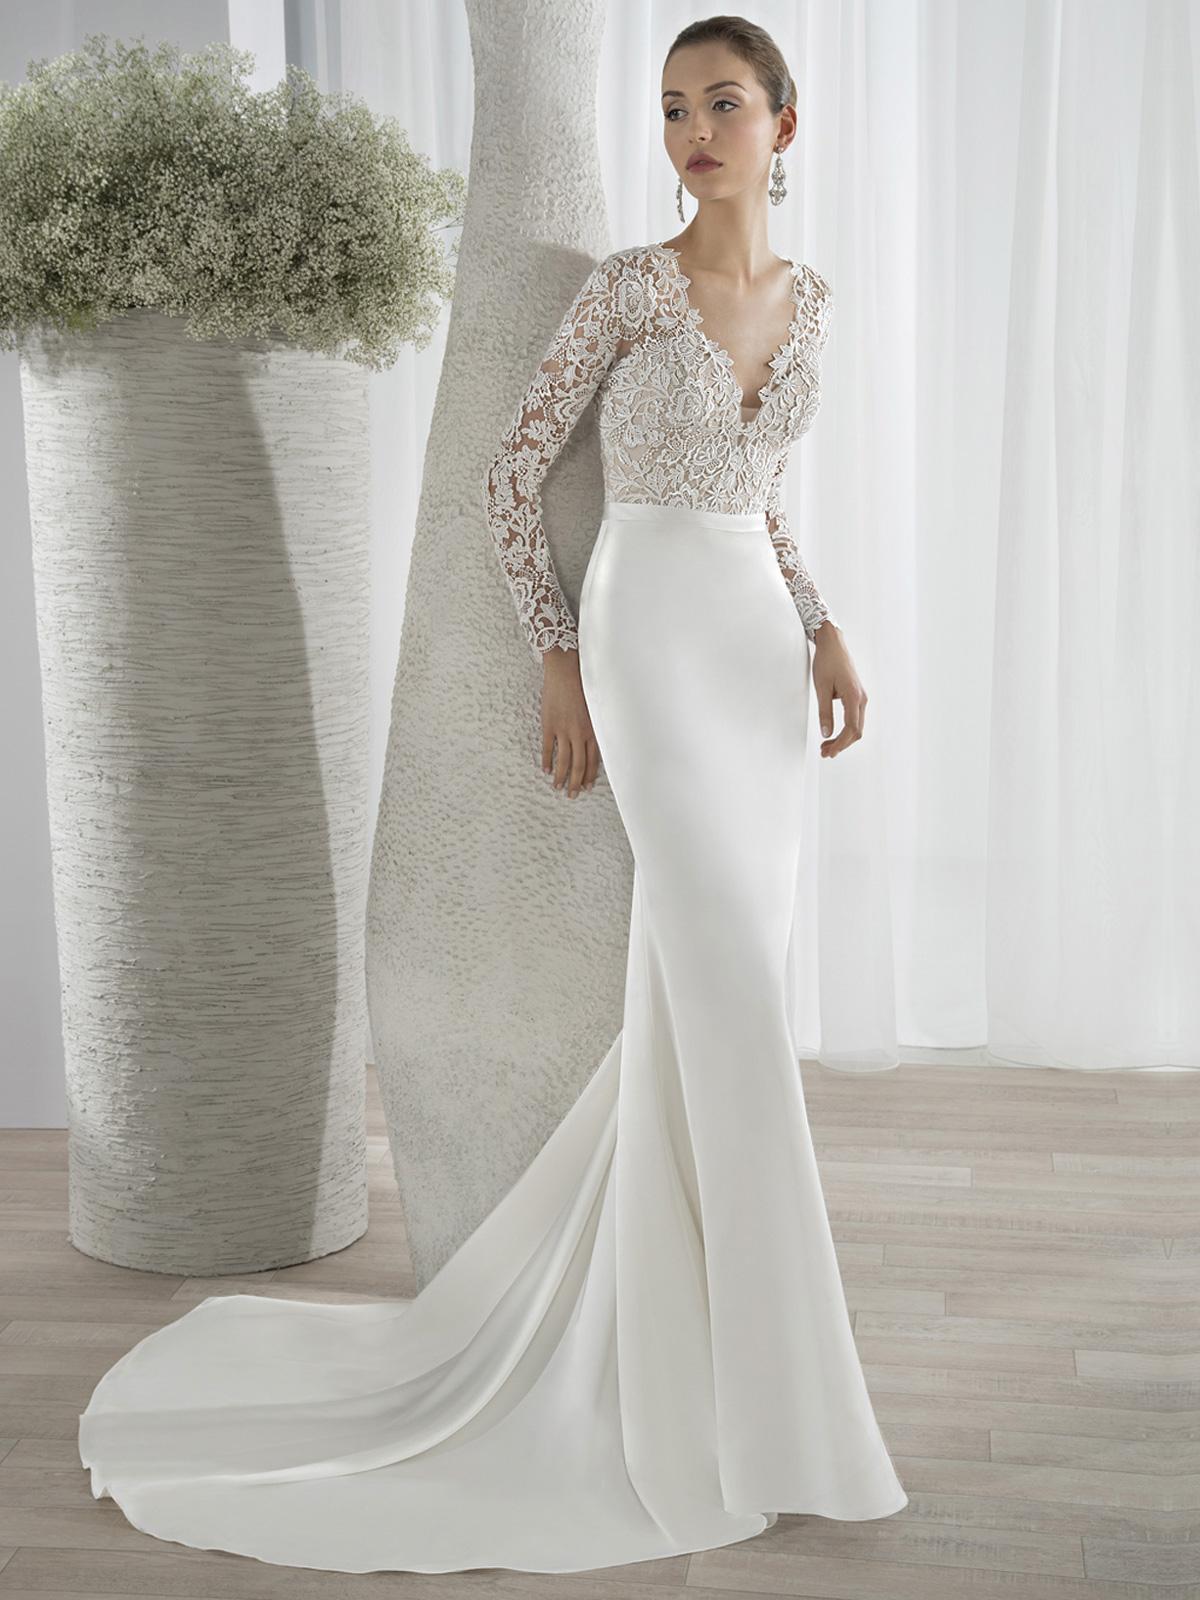 Vestido de Noiva com decote V e transparência nas costas e mangas, corpo curto em renda guipure e saia sereia confeccionada em cetim com cauda.